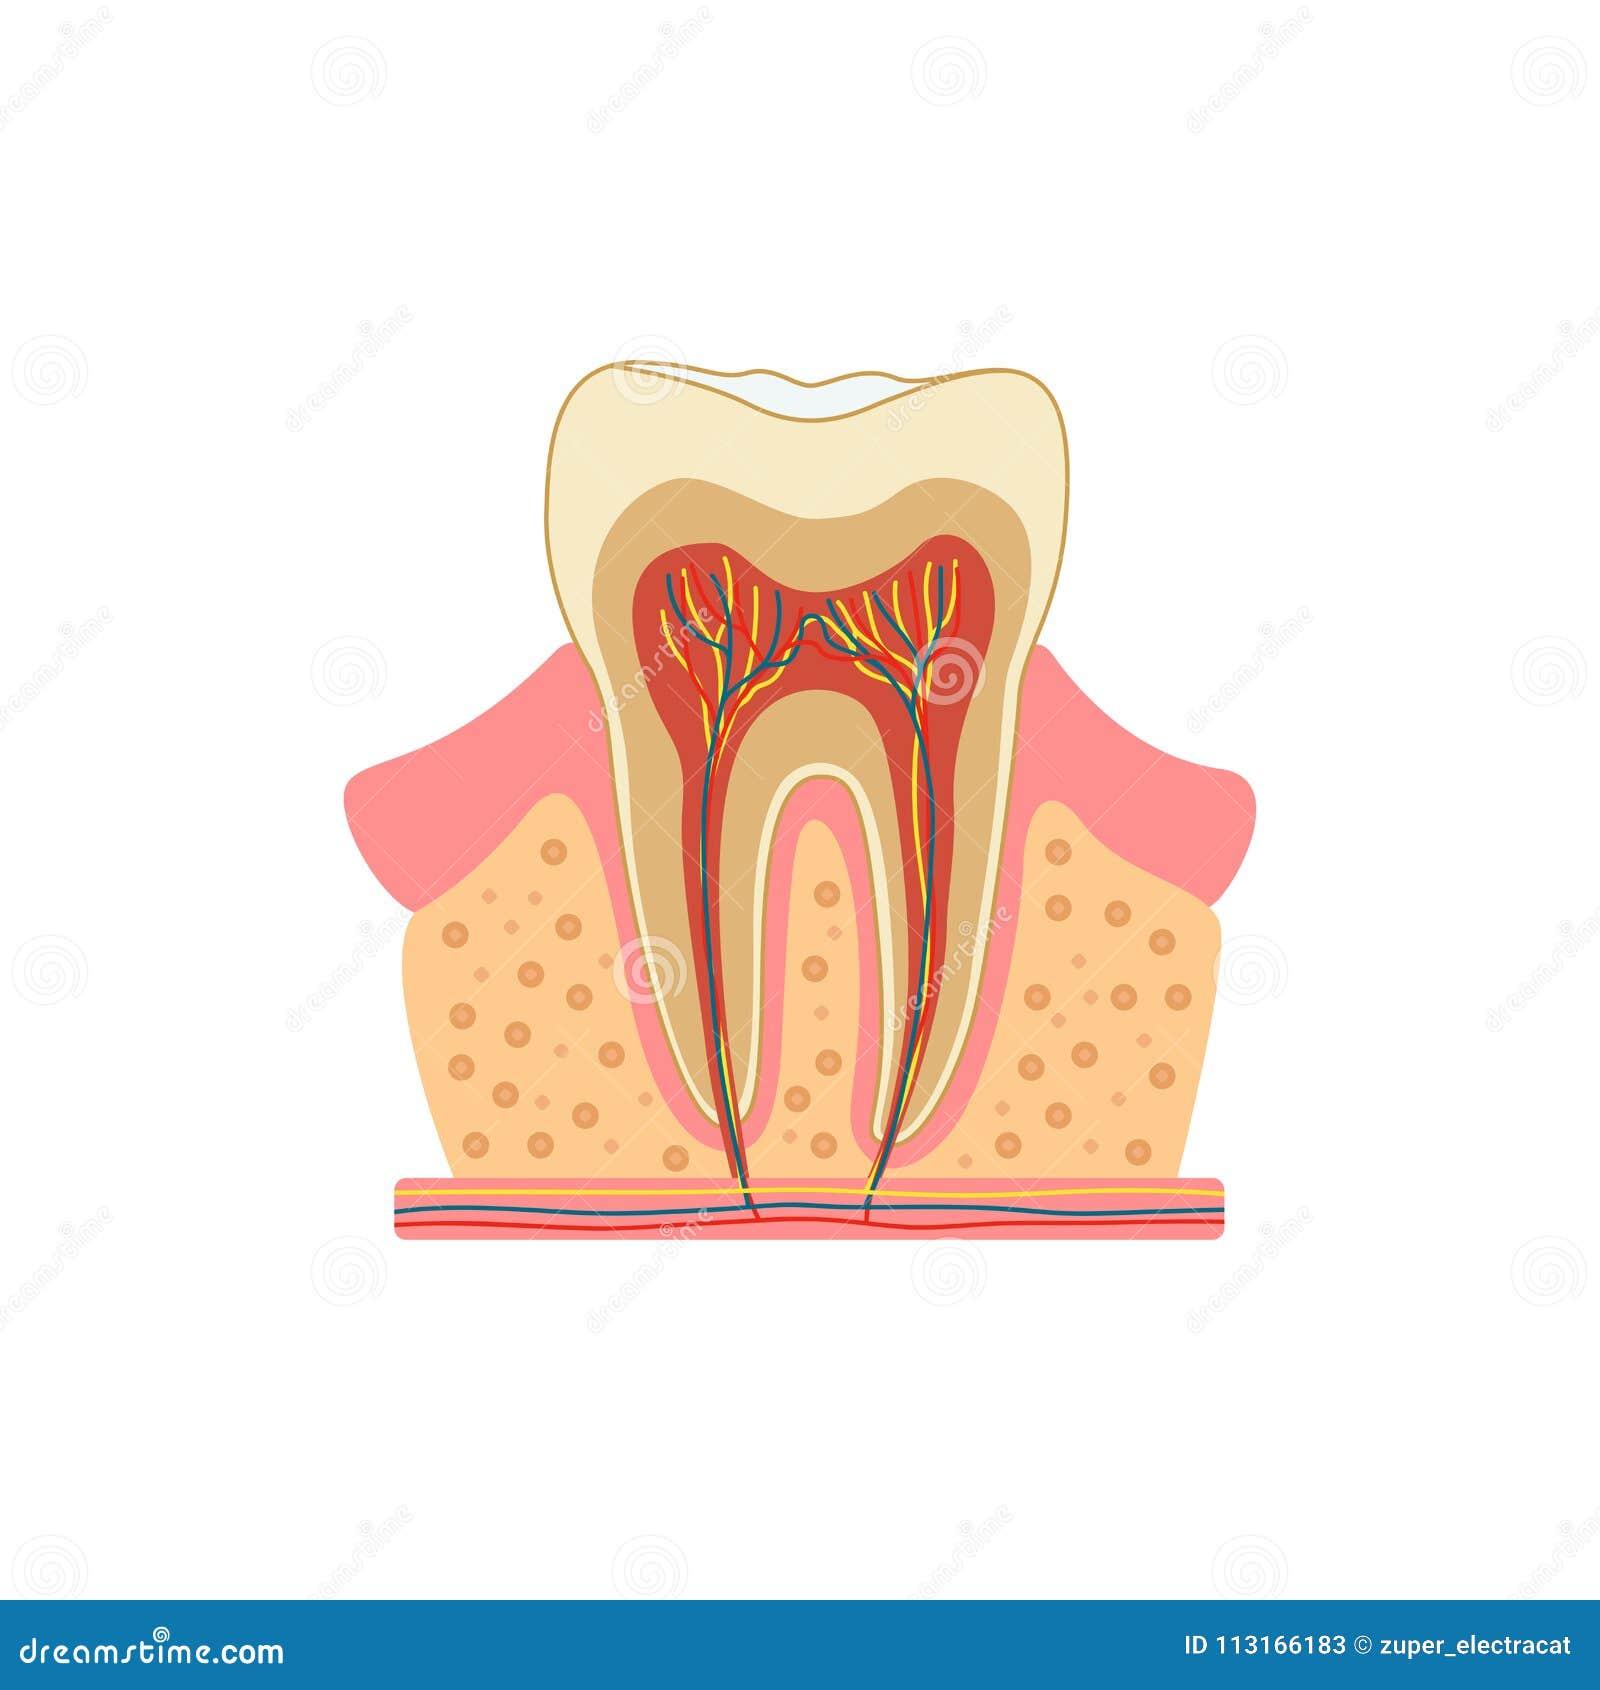 Tand in een besnoeiing Medisch diagram van de structuur van de binnendwarsdoorsnede van de tand Vector infographic concept